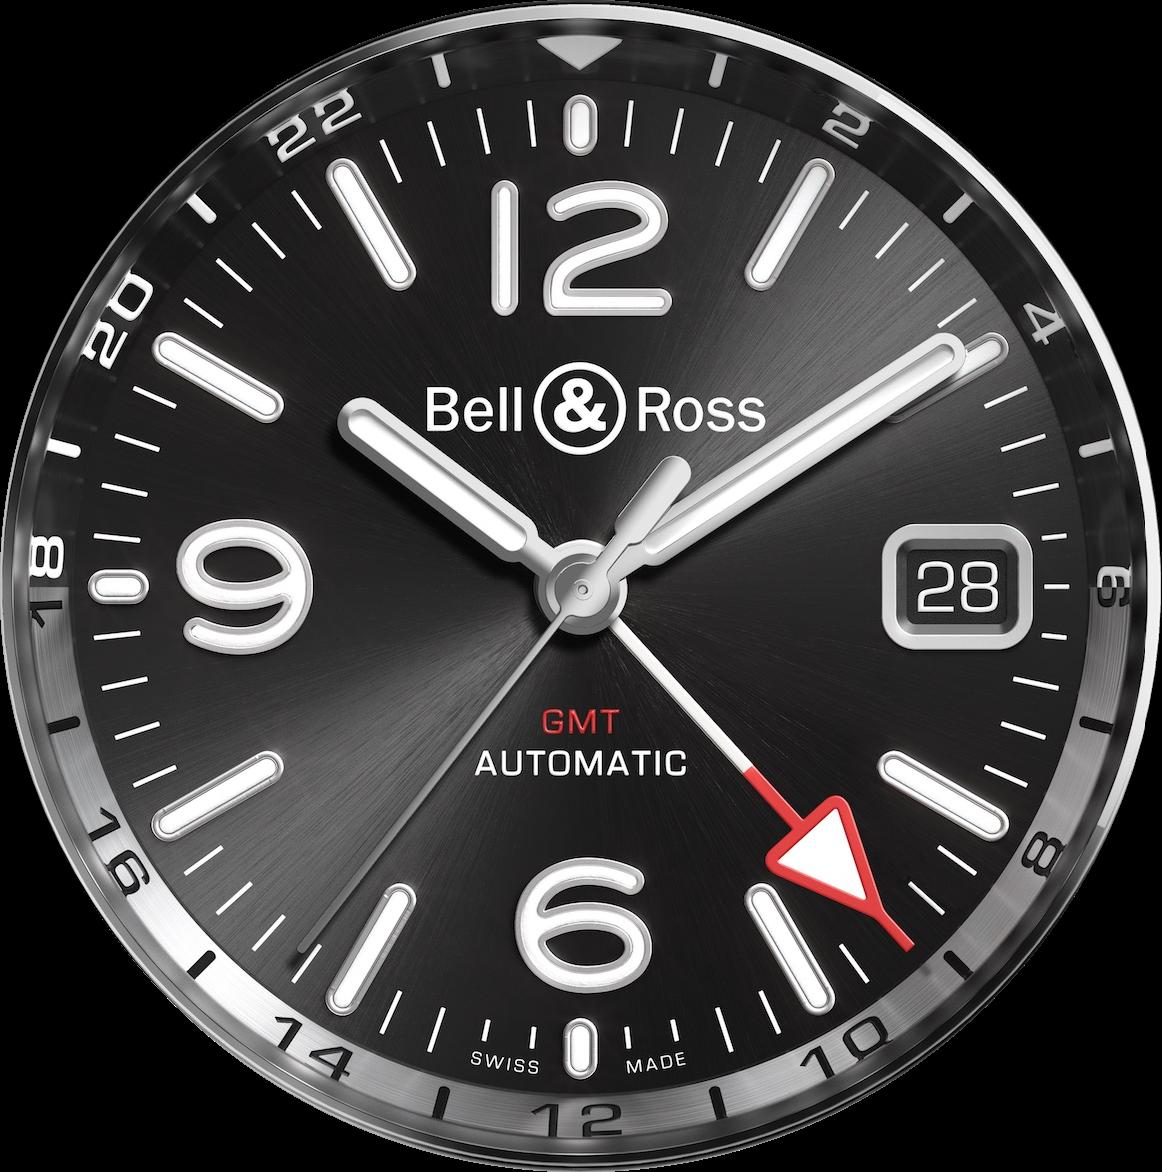 Il était une fois douze heures et il était ailleurs vingt-quatre heures (Bell & Ross)…